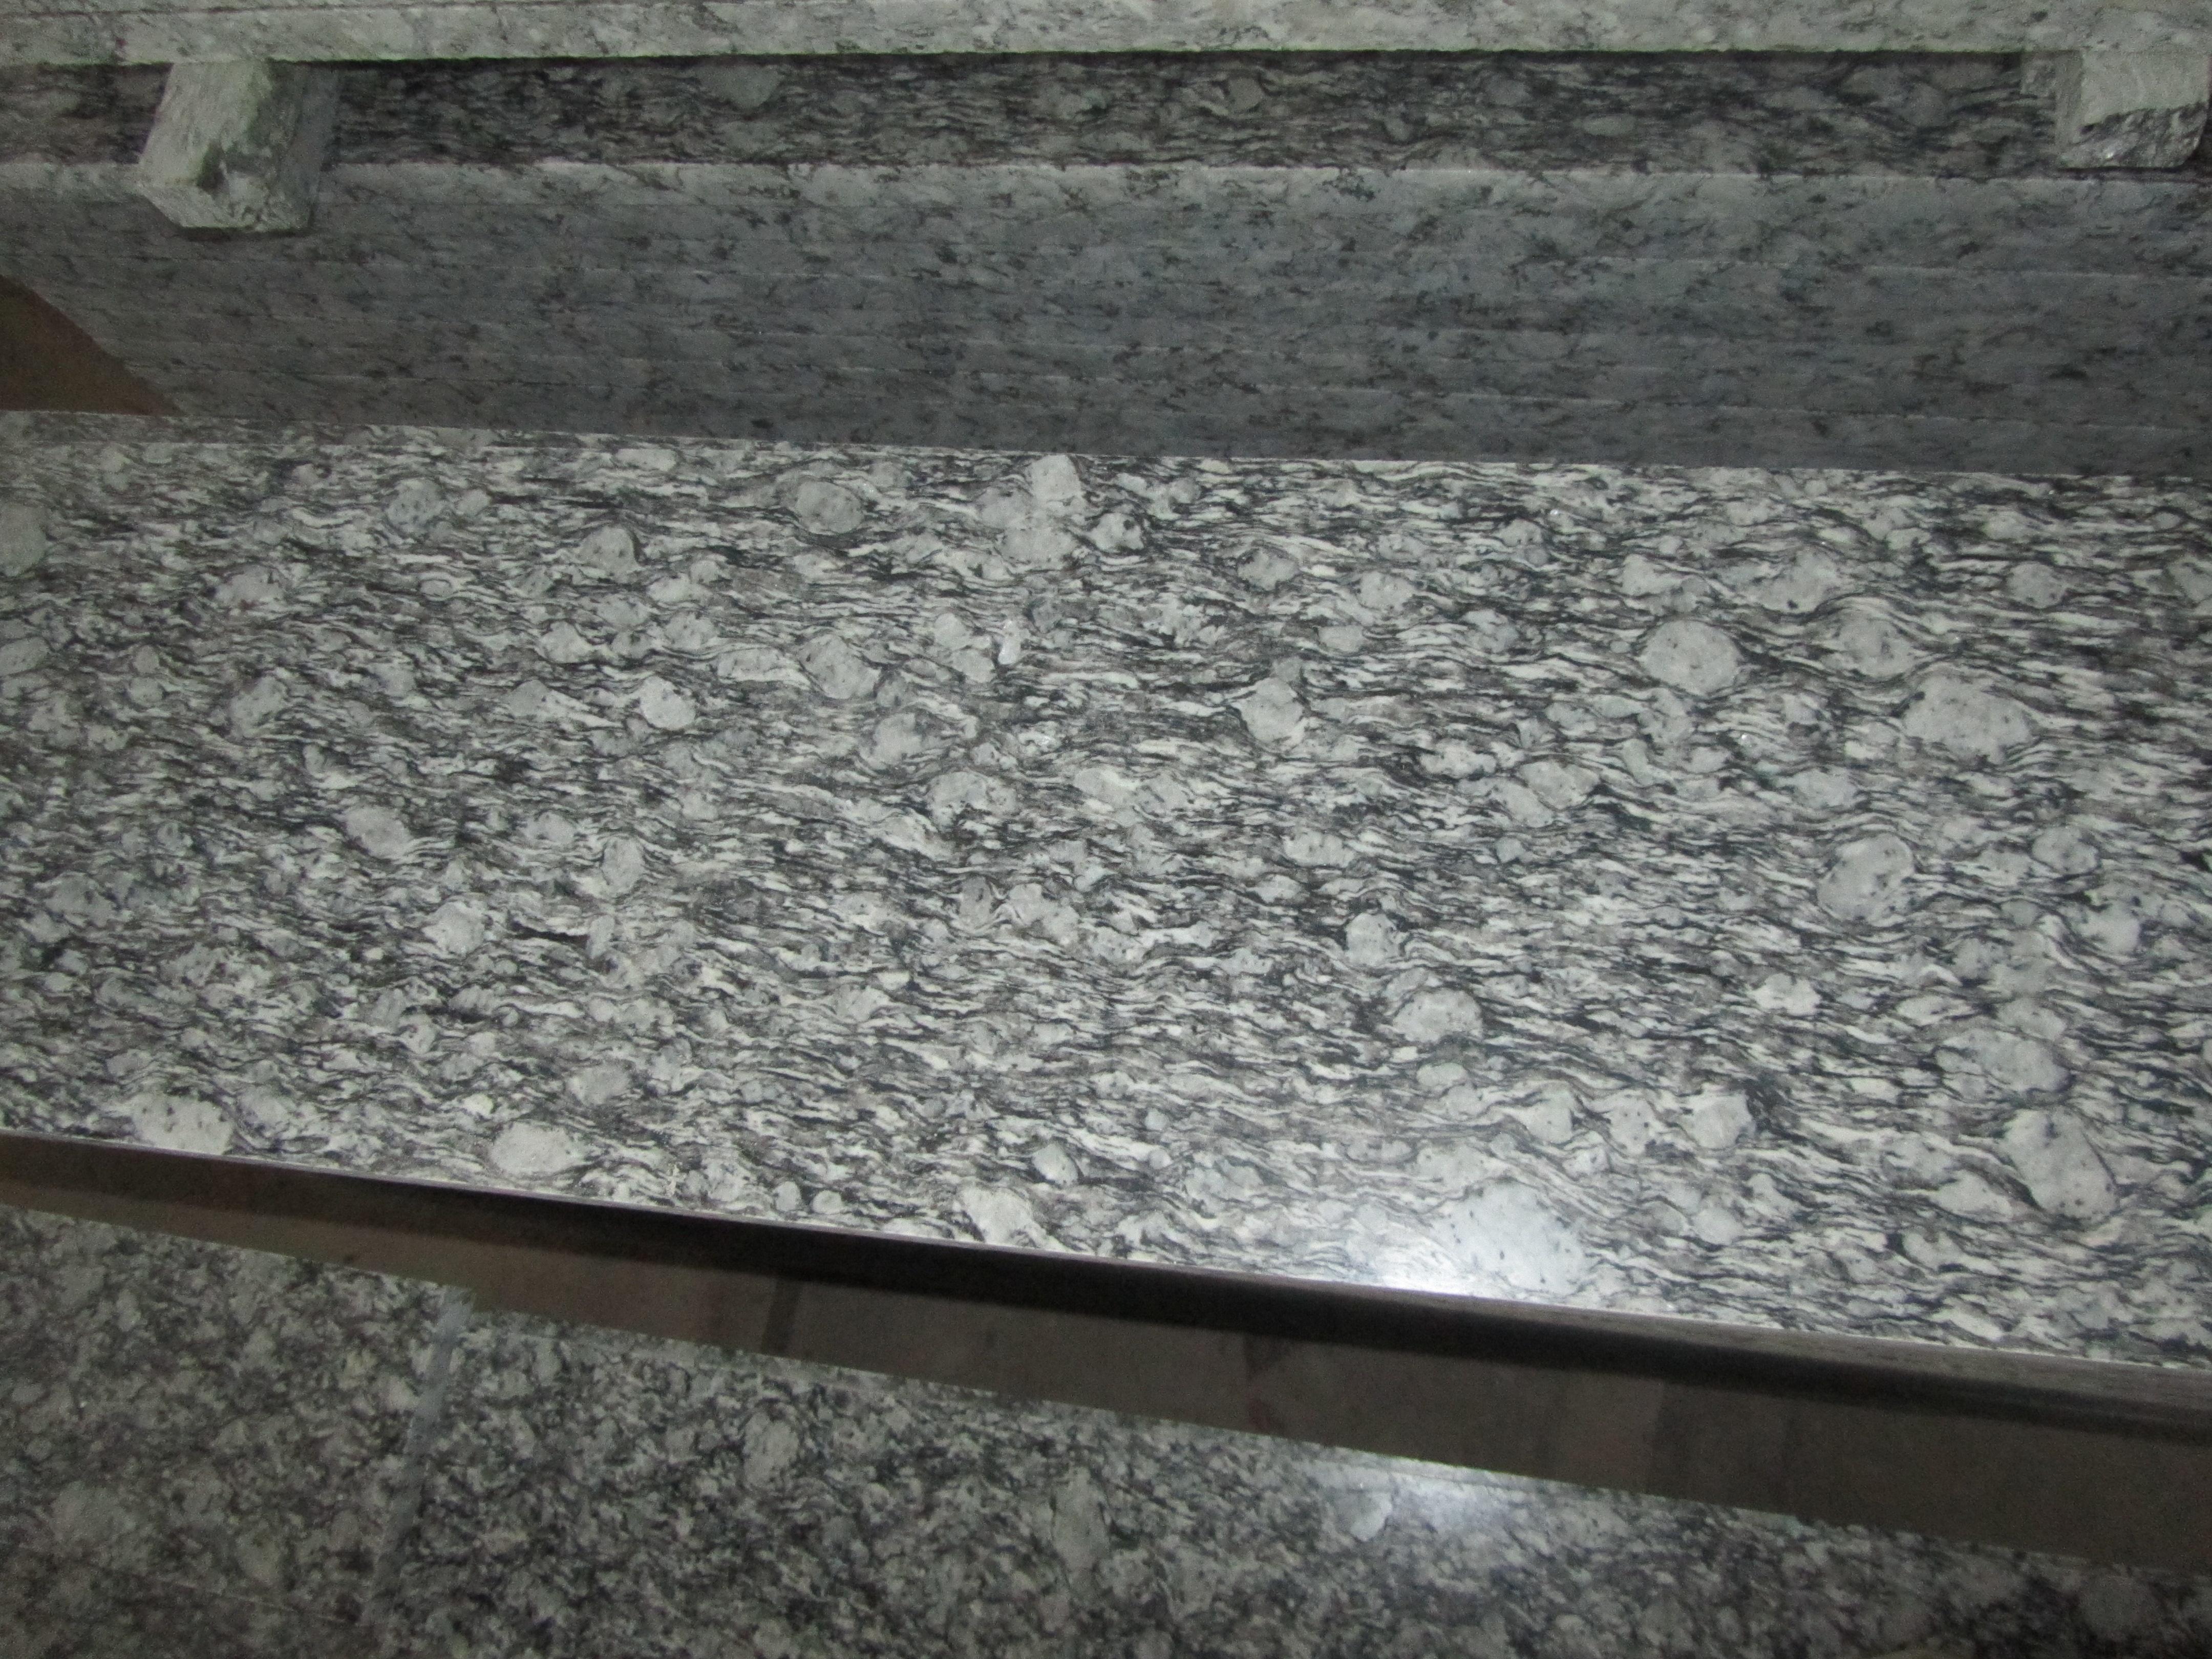 花岗岩 石材石料 荒料板材 浪花白 浪花白条板